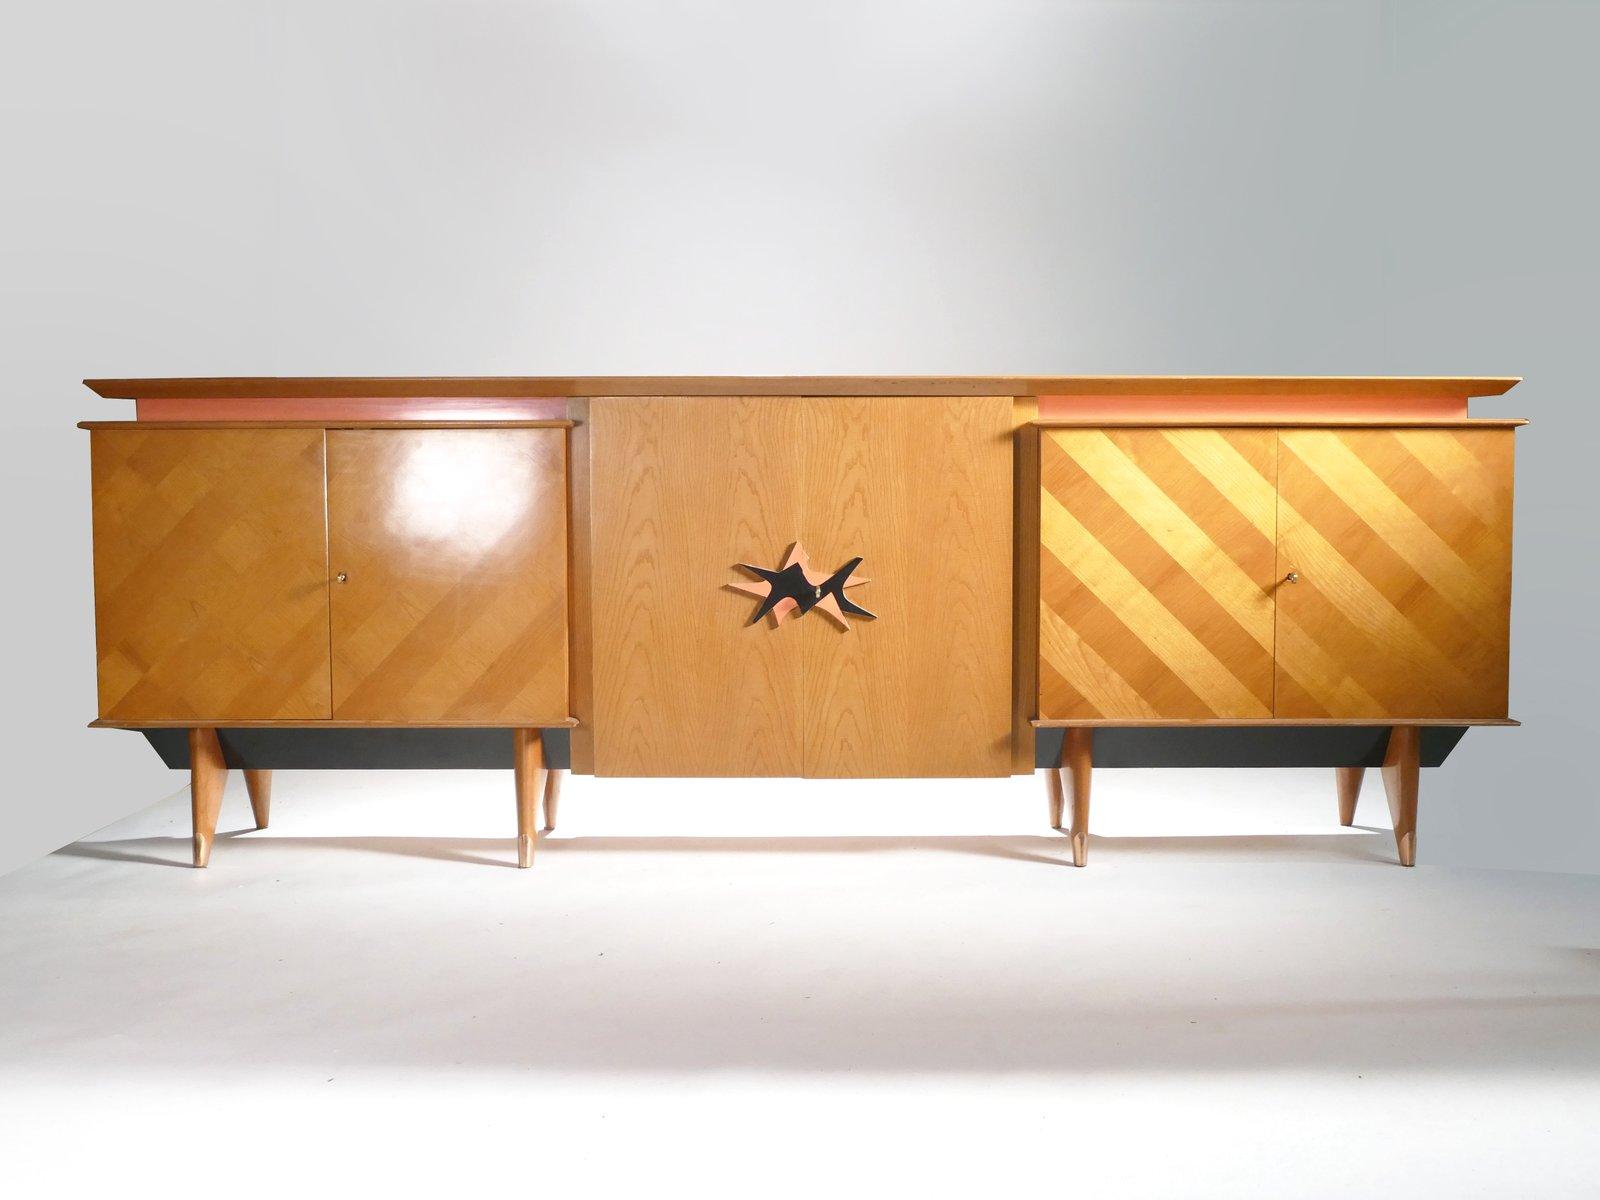 gro es modernes sideboard in kirsche 1950er bei pamono kaufen. Black Bedroom Furniture Sets. Home Design Ideas